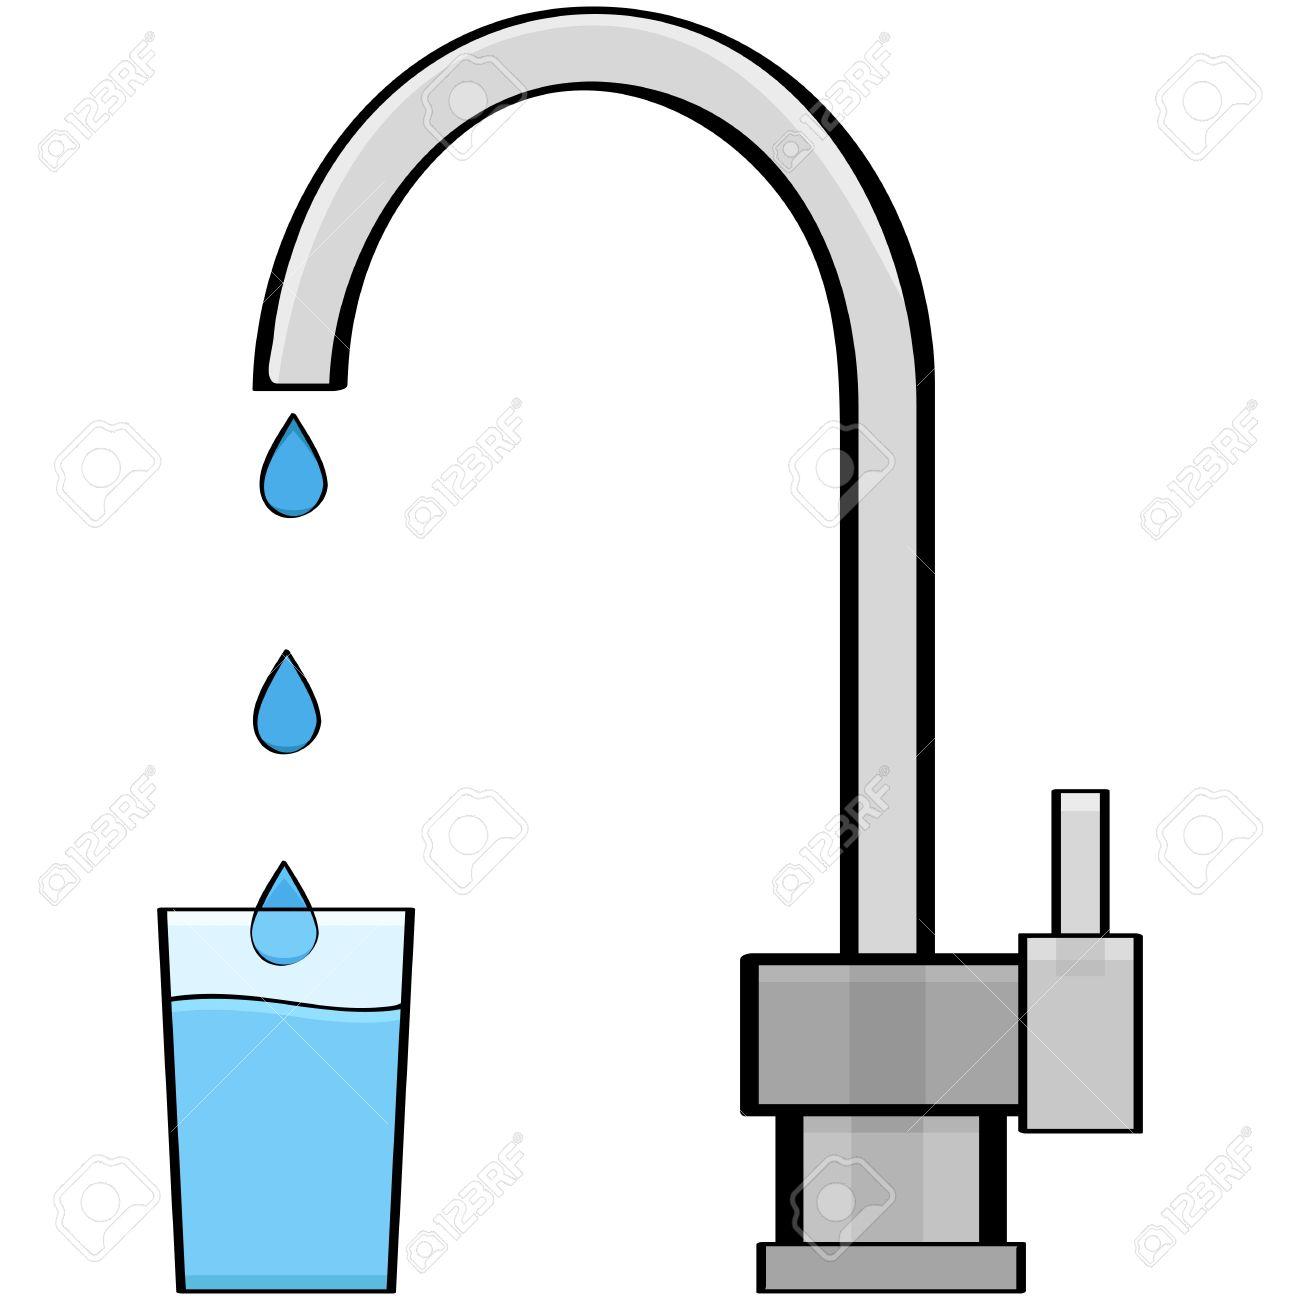 Eau du robinet un rapport sur la qualit de l eau du - Qualite de l eau du robinet en france ...